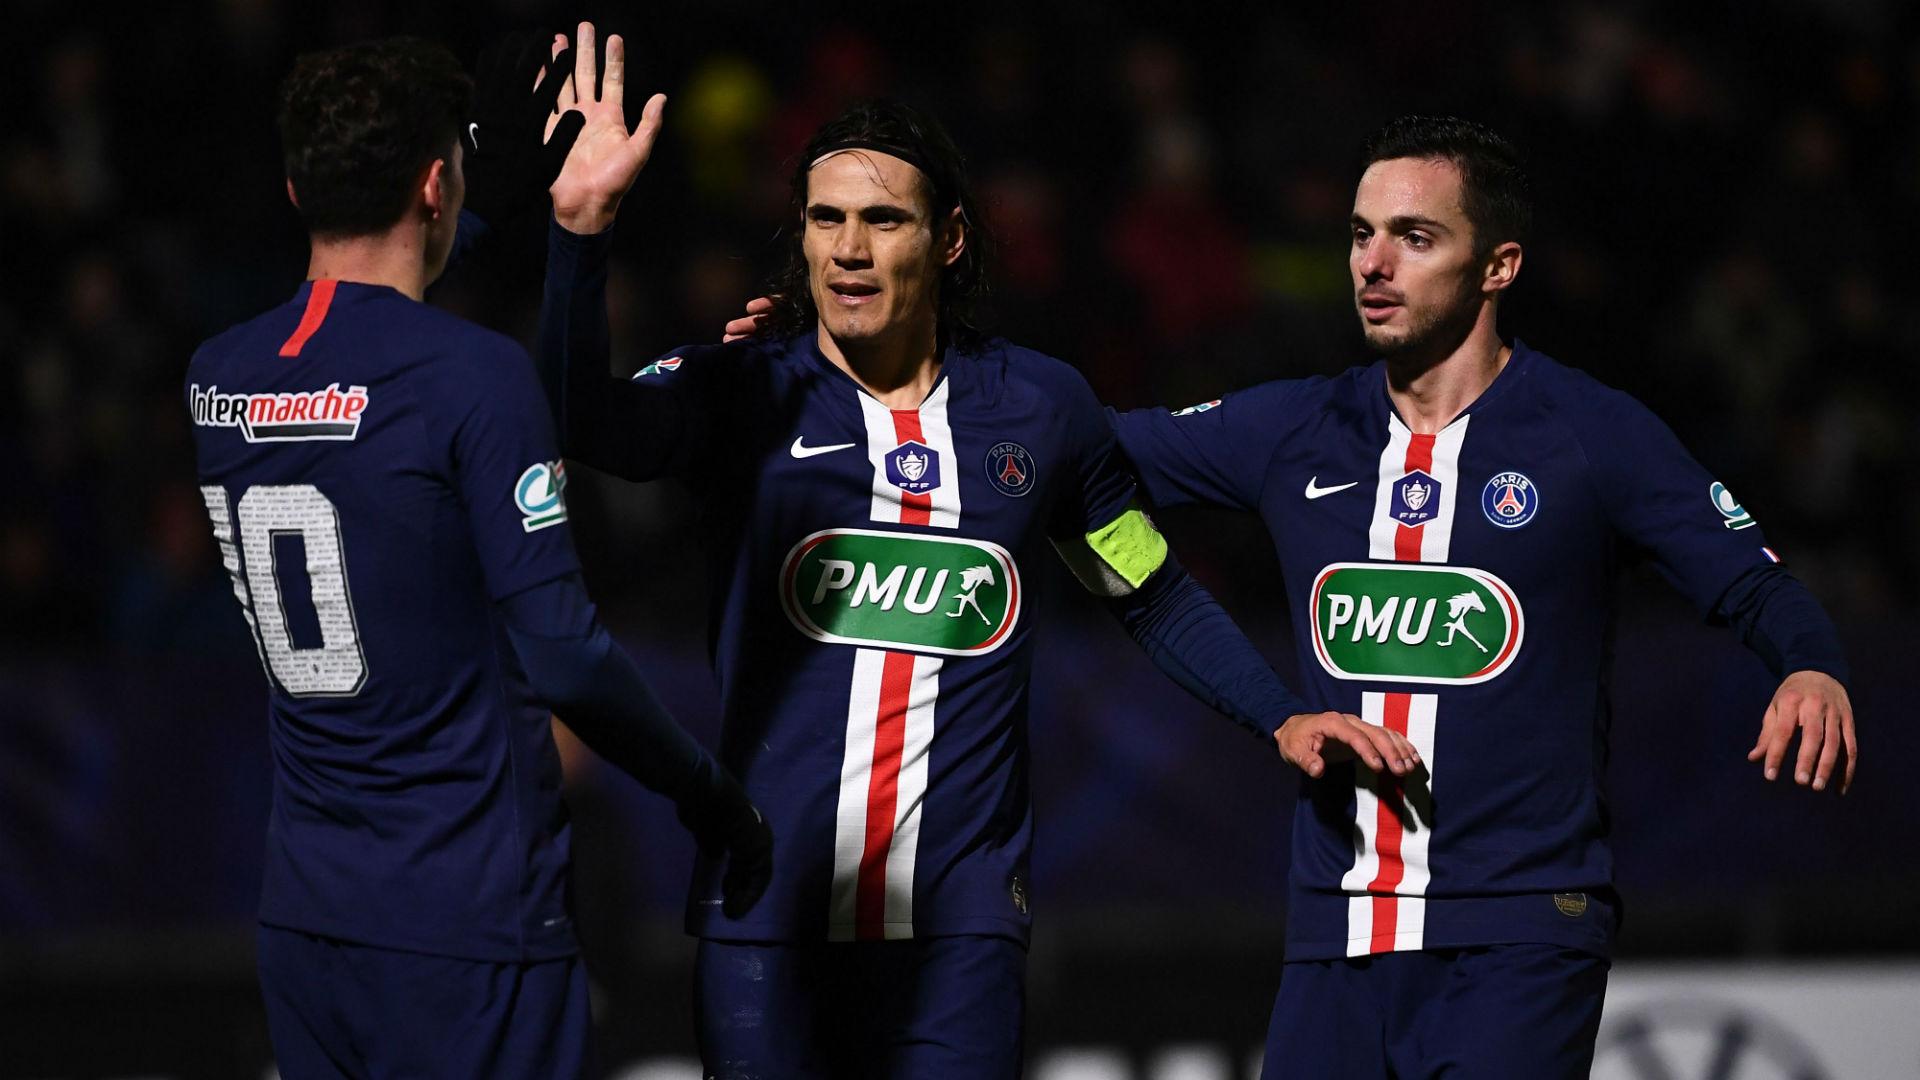 Tuchel applauds PSG's professionalism in easy win